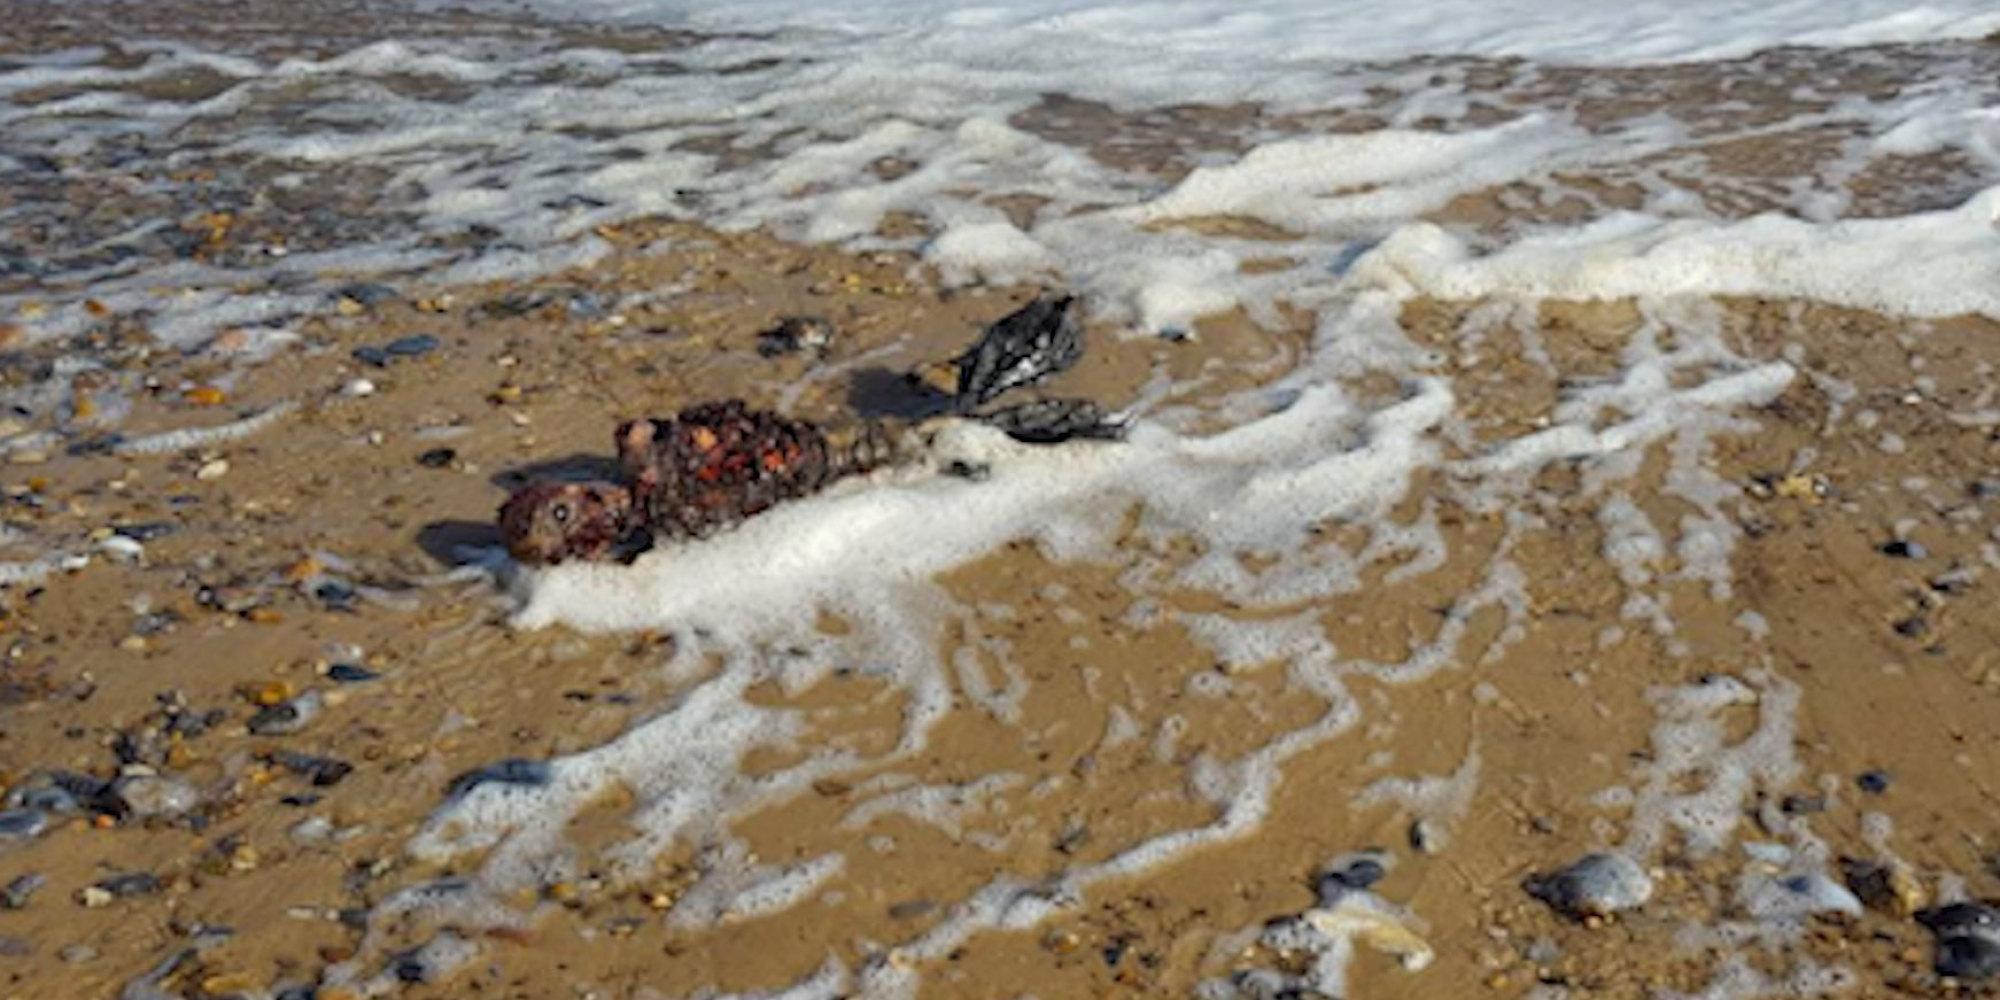 il fait croire aux internautes qu u0026 39 il a trouv u00e9 le corps d u0026 39 une sir u00e8ne sur le bord d u0026 39 une plage